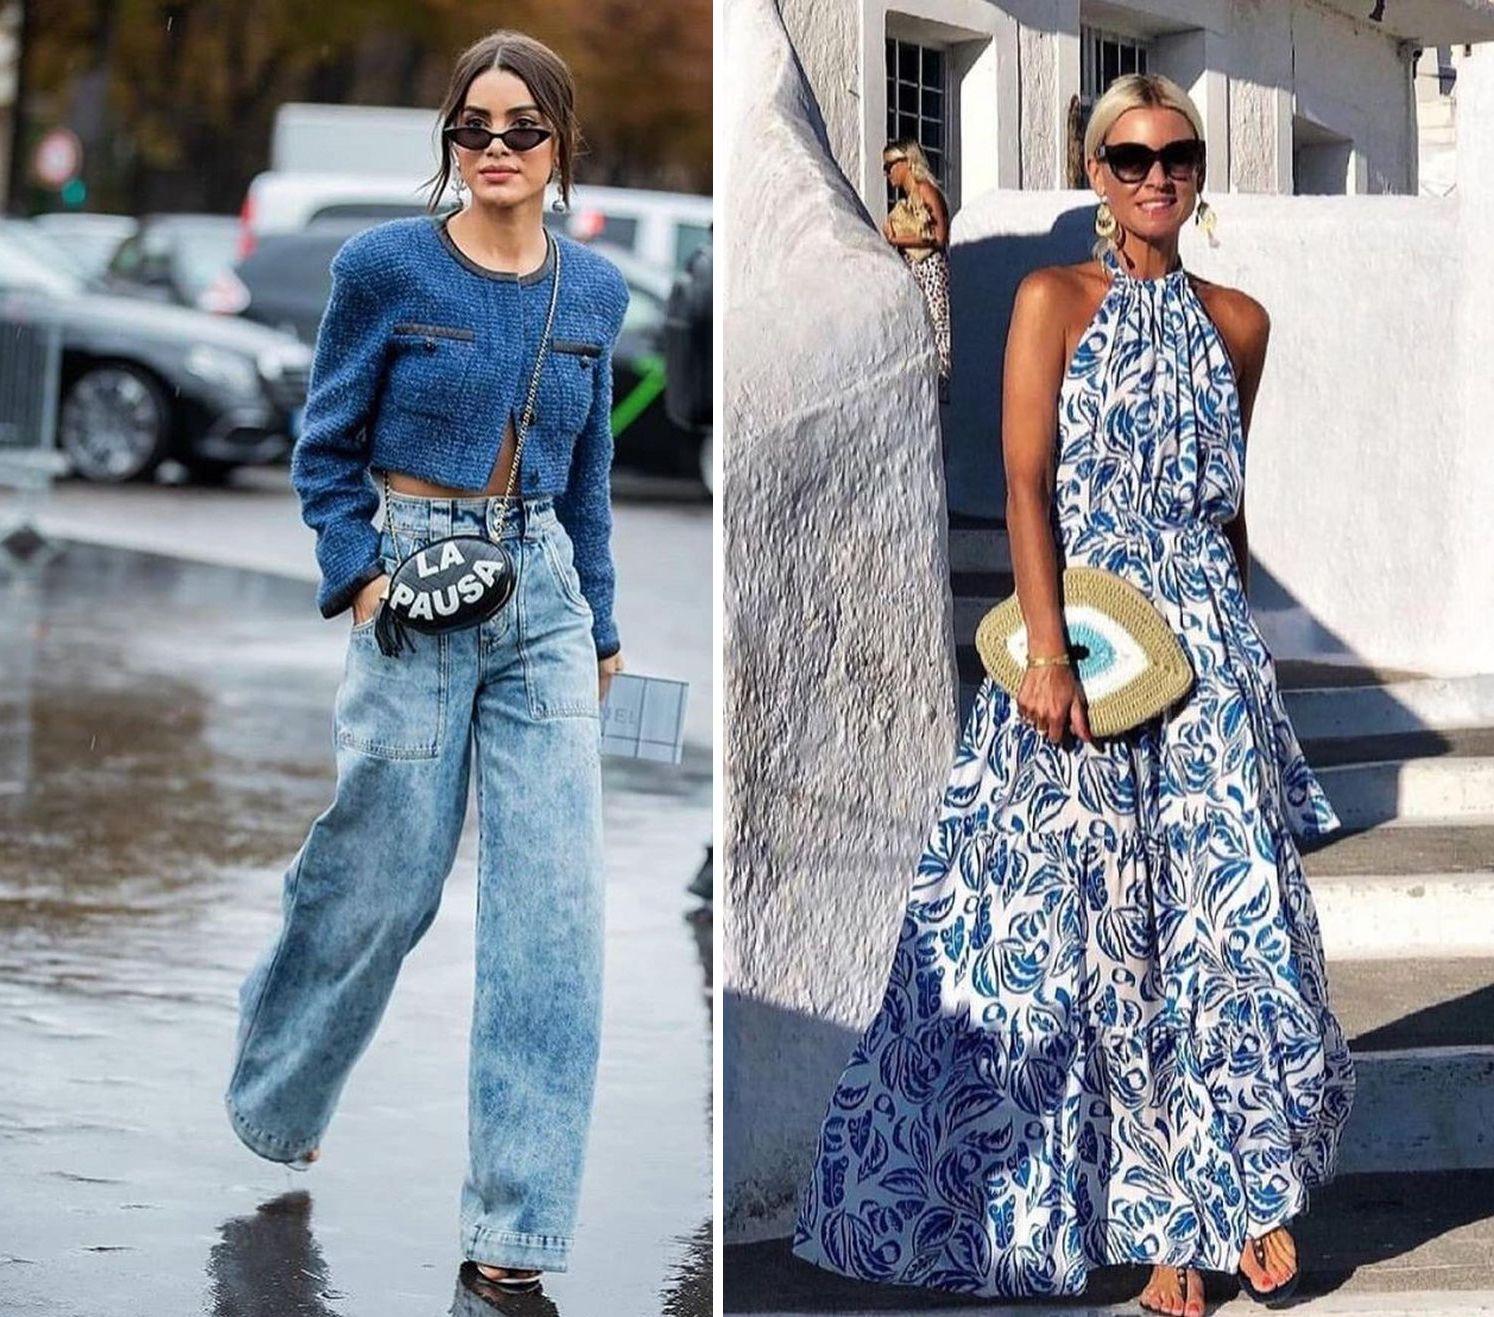 СИНЬОТО – как да бъдете на гребена на модната вълна